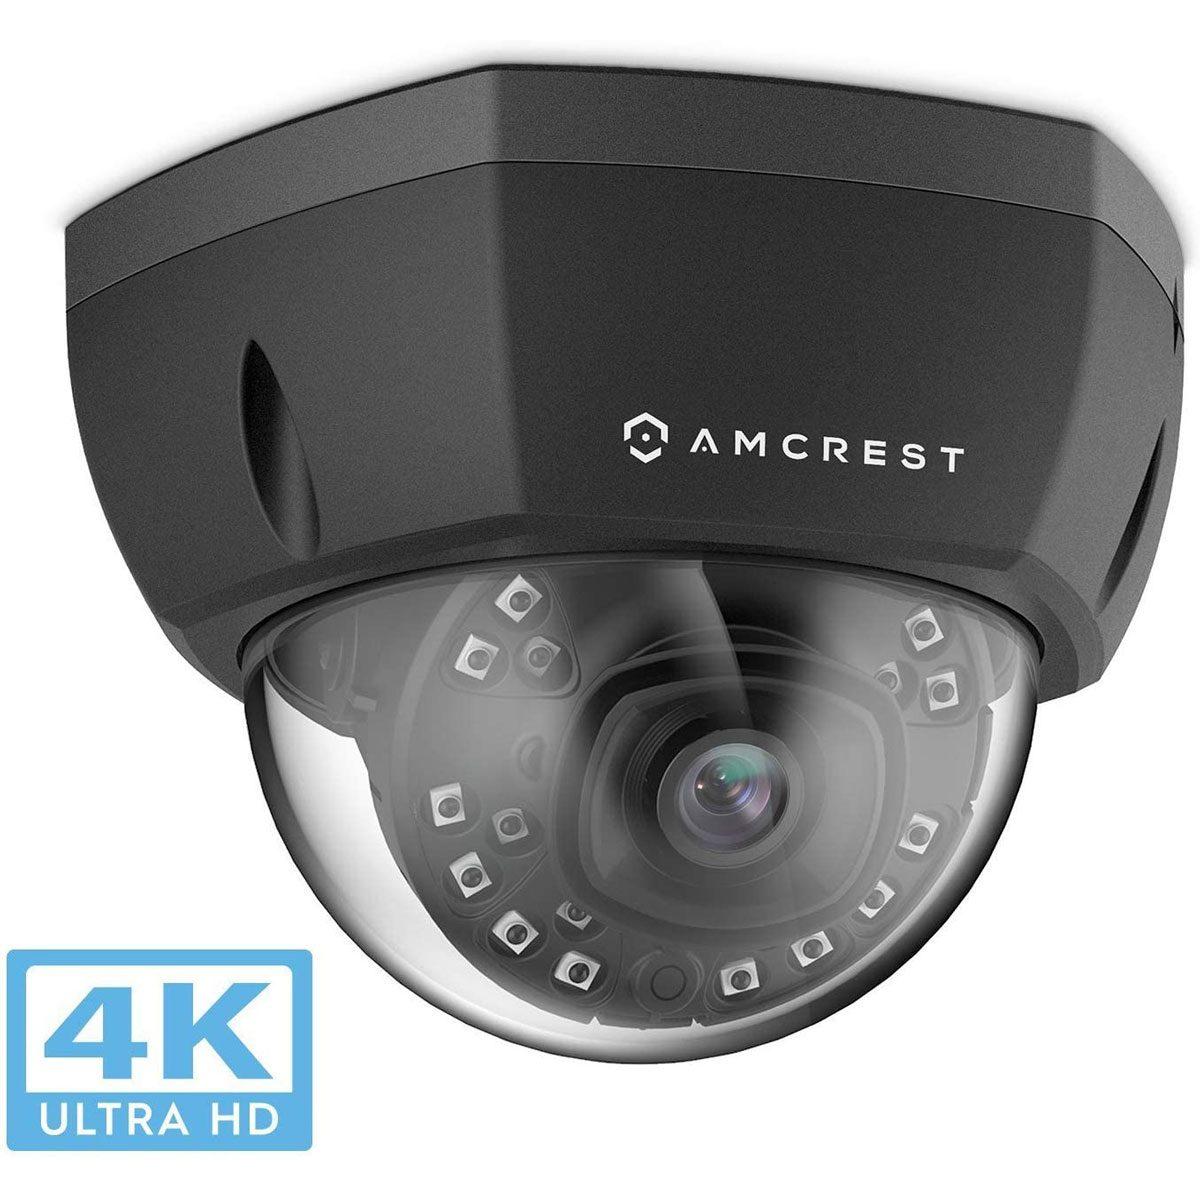 Amcrest security camera